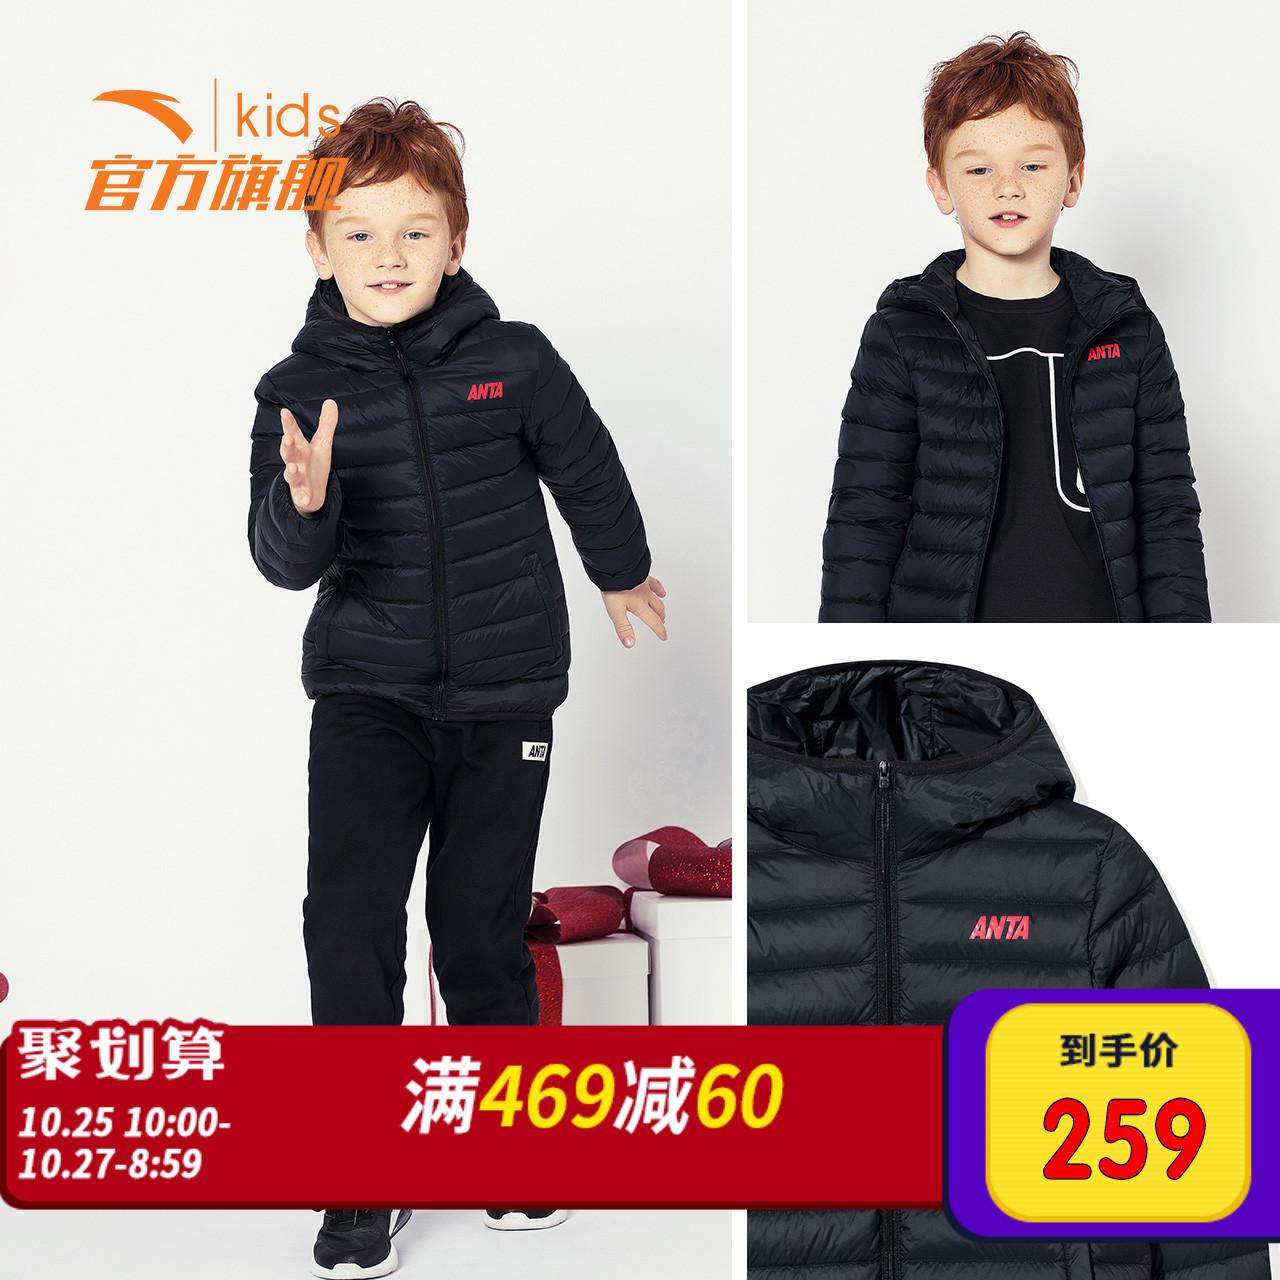 Купить Детская одежда в Китае, в интернет магазине таобао на русском языке